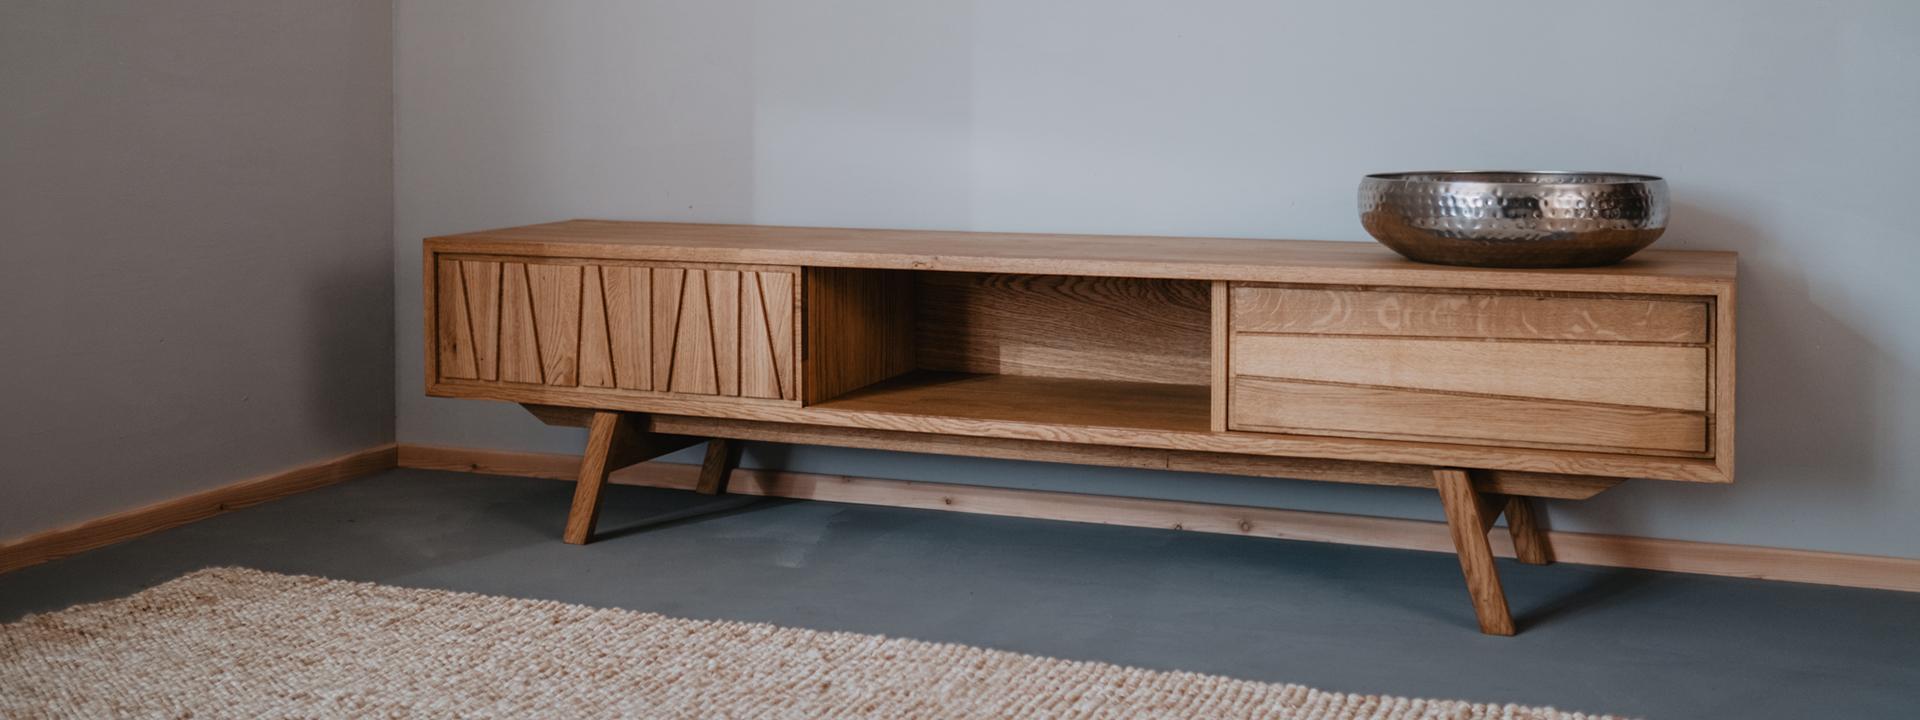 Tischlerei HolzWerk - feine moebel - Sideboard Komplett